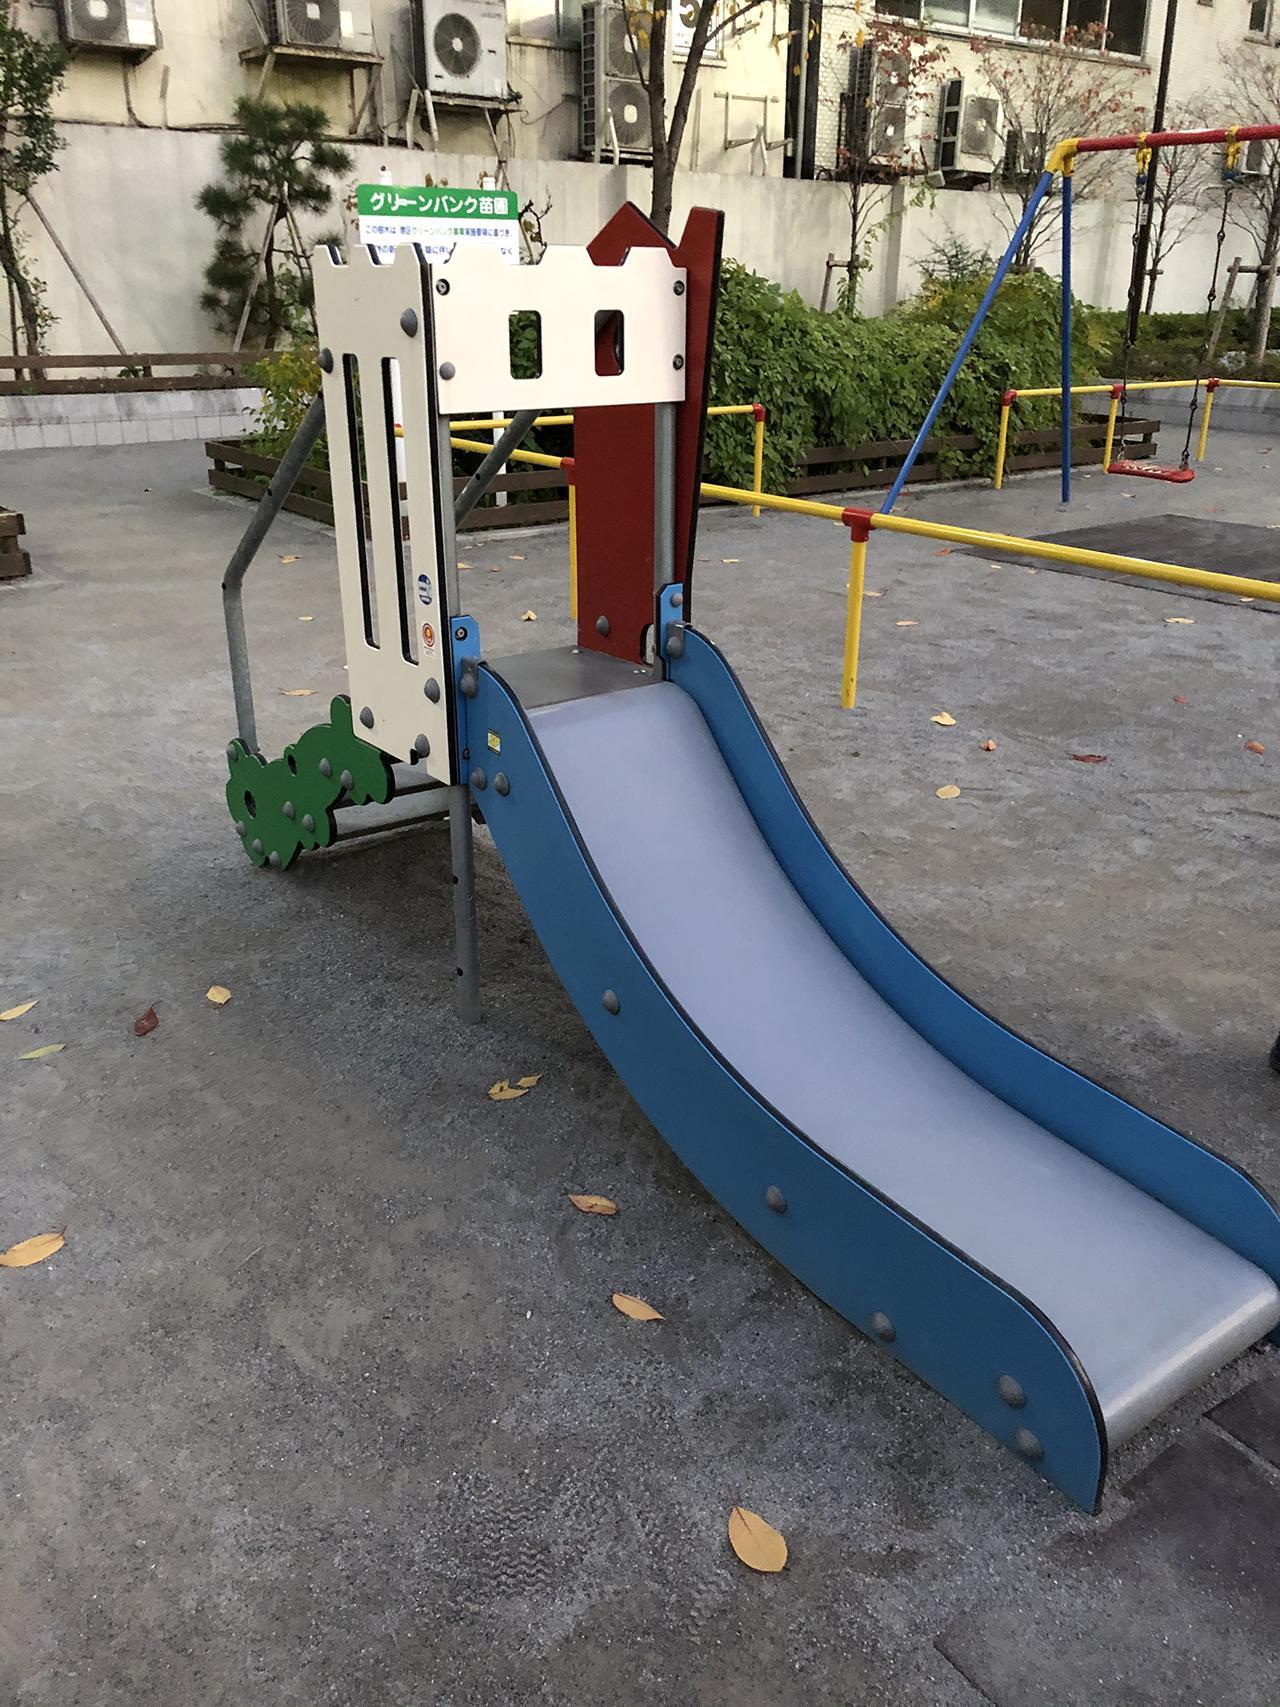 小さい滑り台の写真